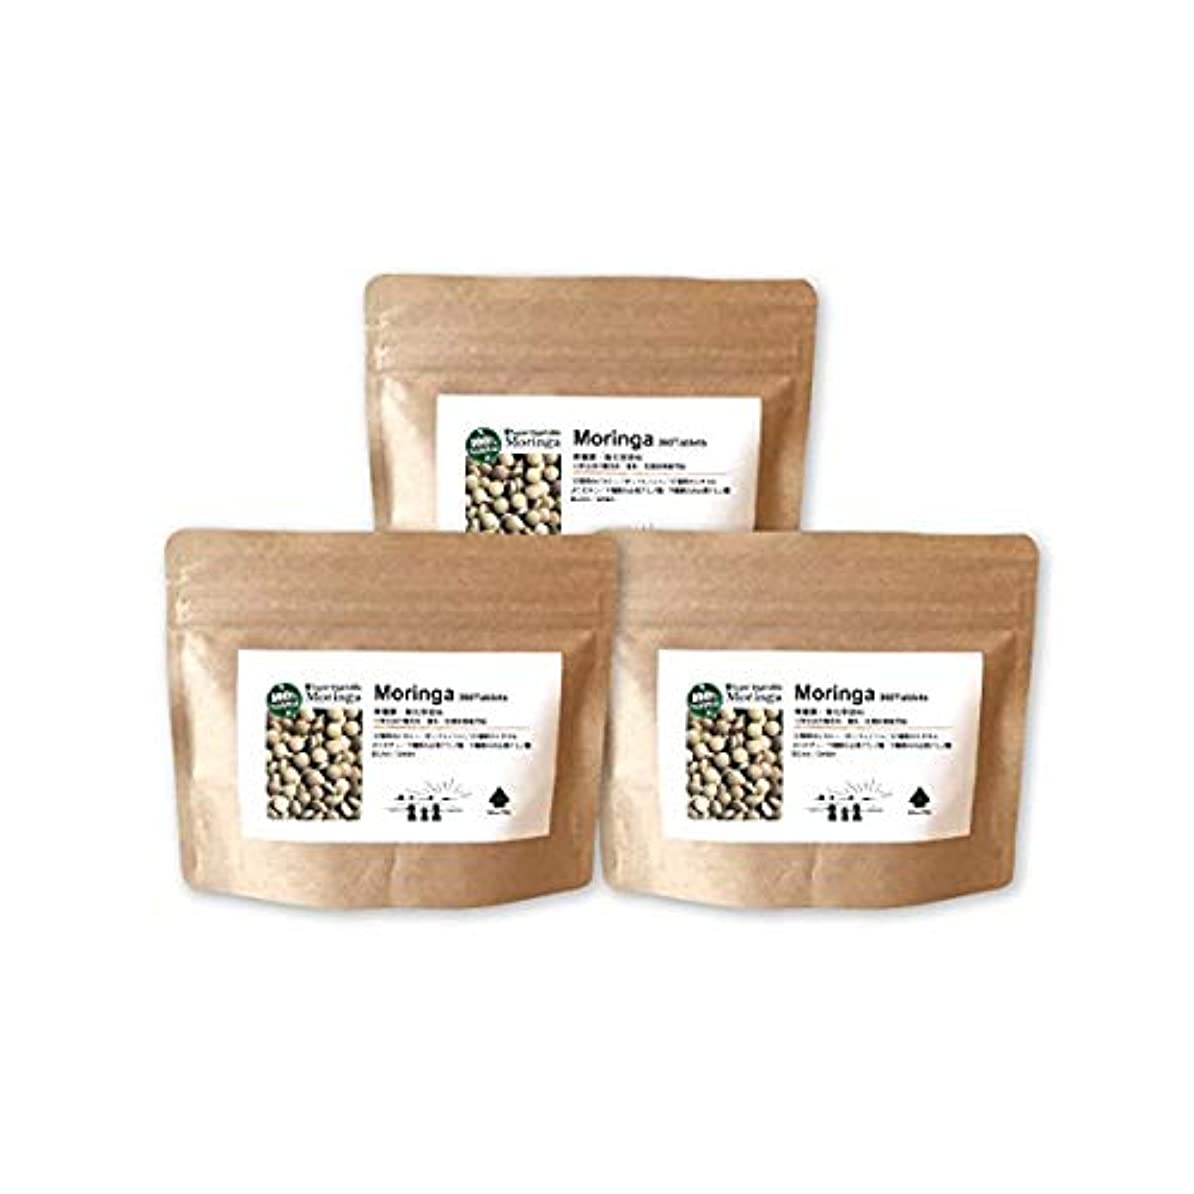 メダリスト描くいつもモリンガ粒(3個セット) 沖縄産の無農薬?無化学肥料栽培モリンガ葉使用